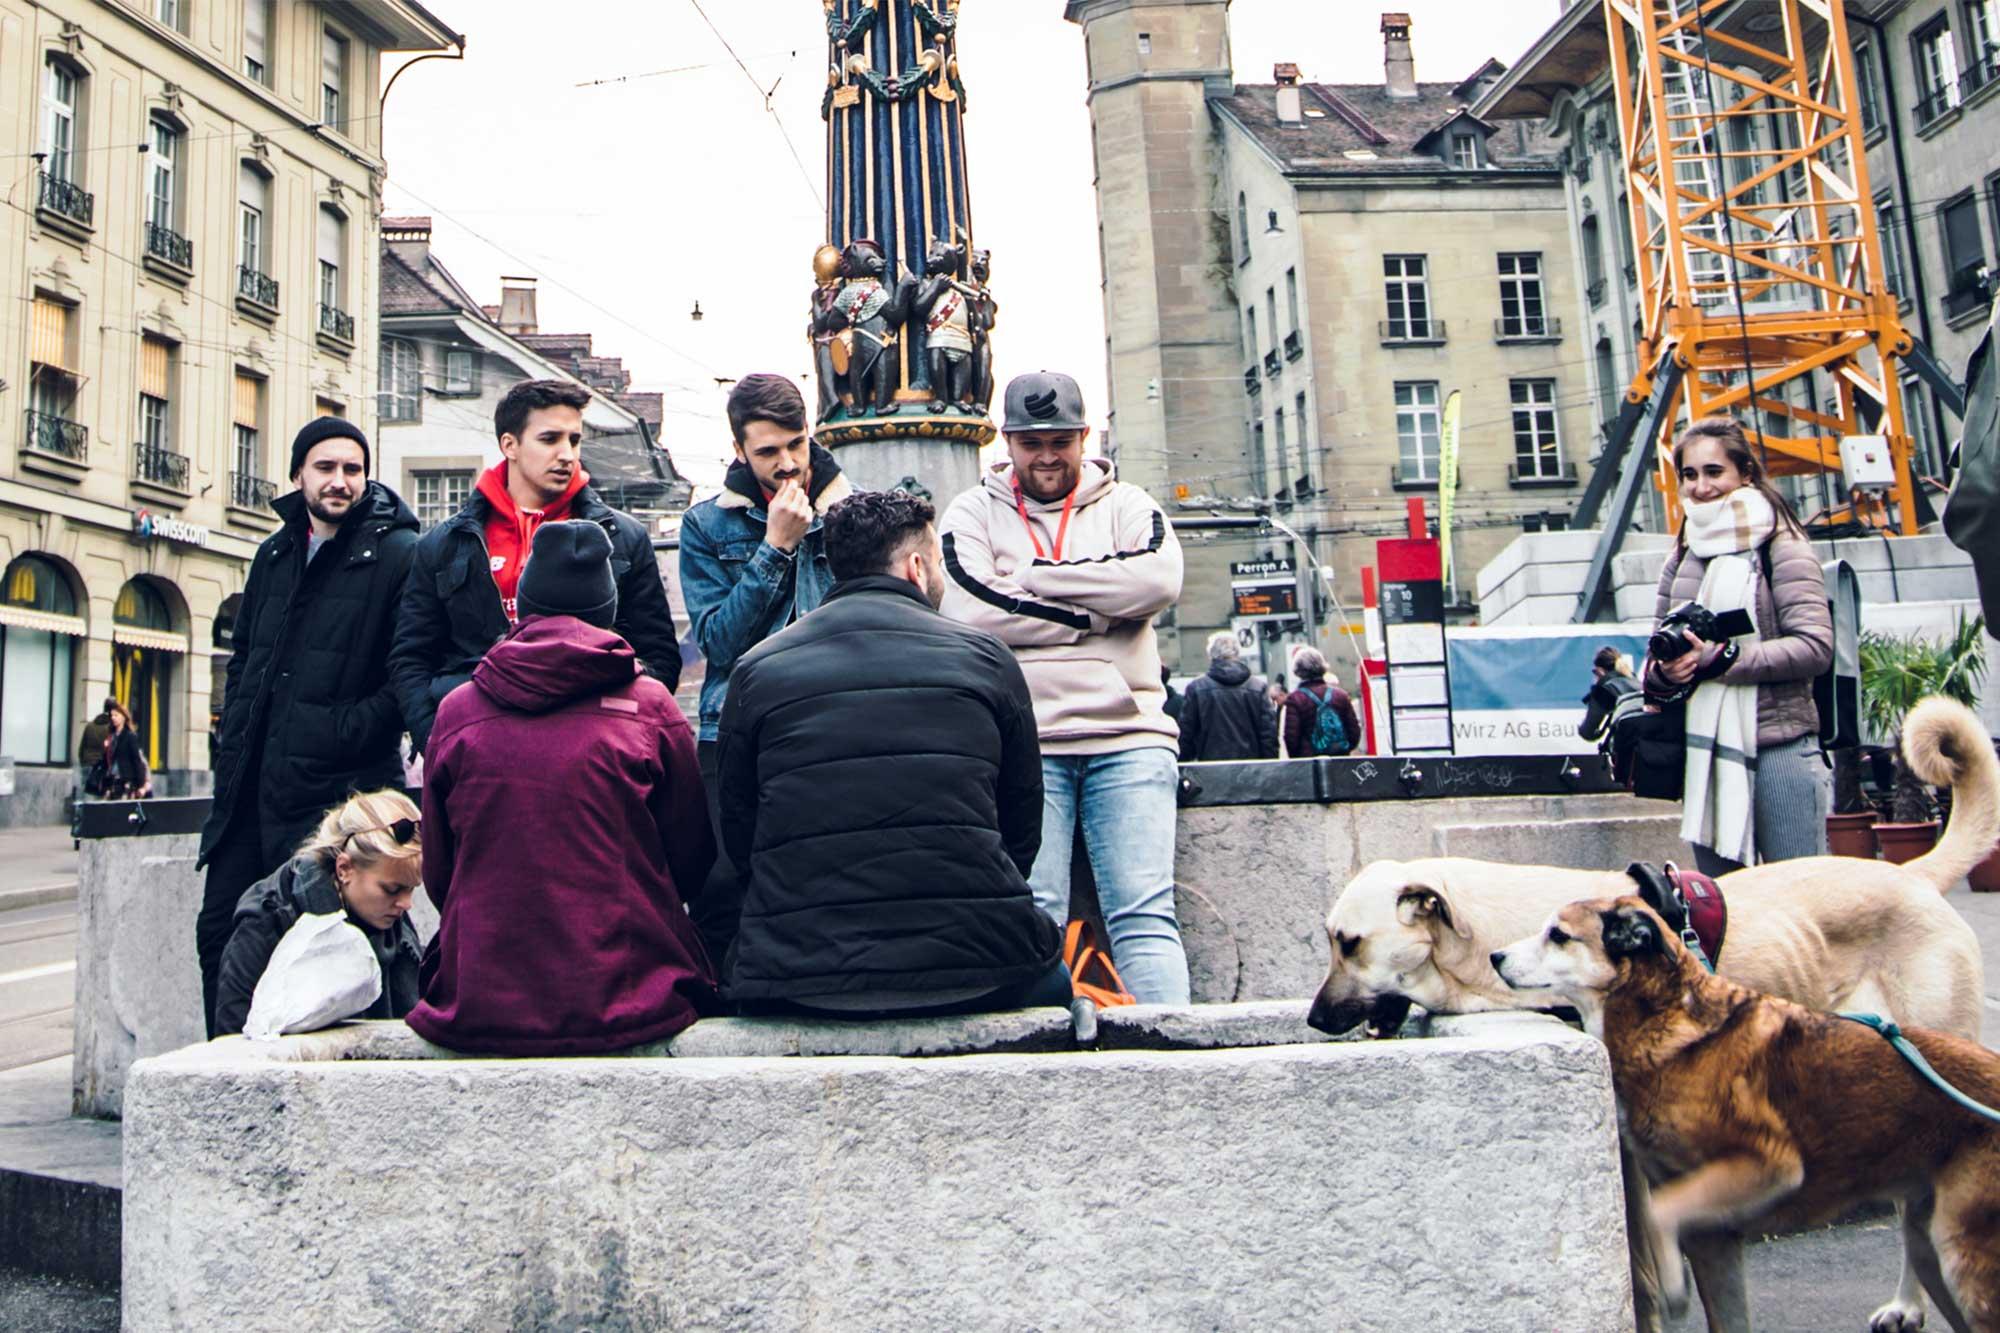 Gruppenbild während des Stadtkrimis in Basel